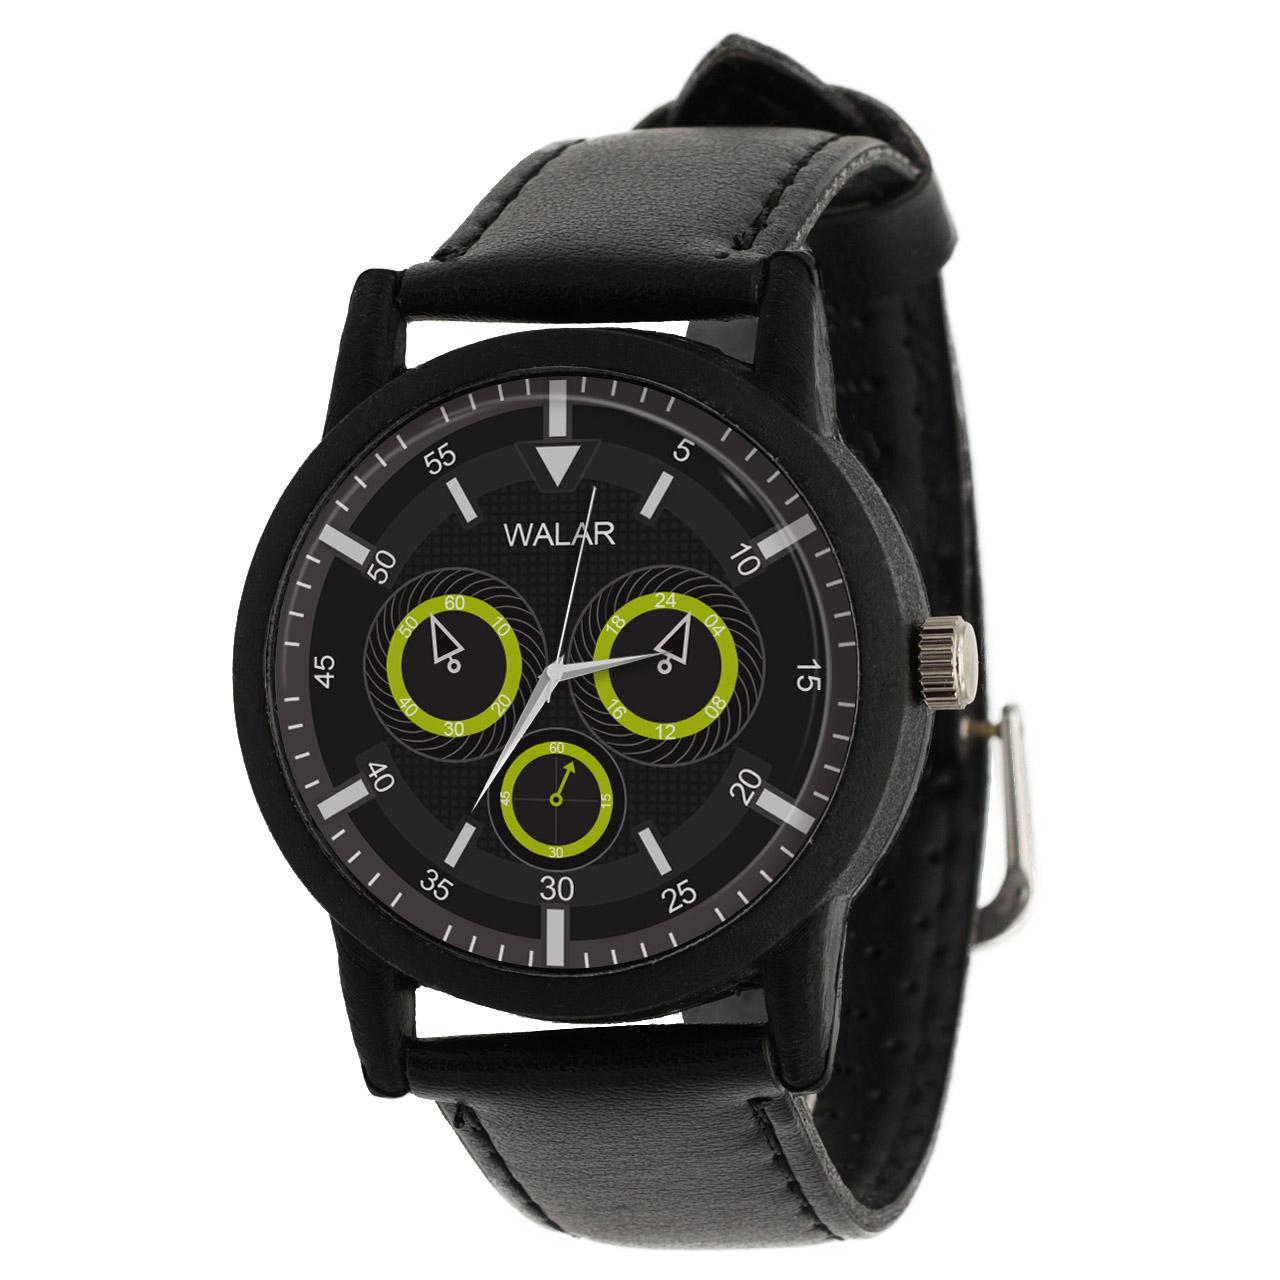 ساعت مچی عقربه ای والار کد LF2899              خرید (⭐️⭐️⭐️)